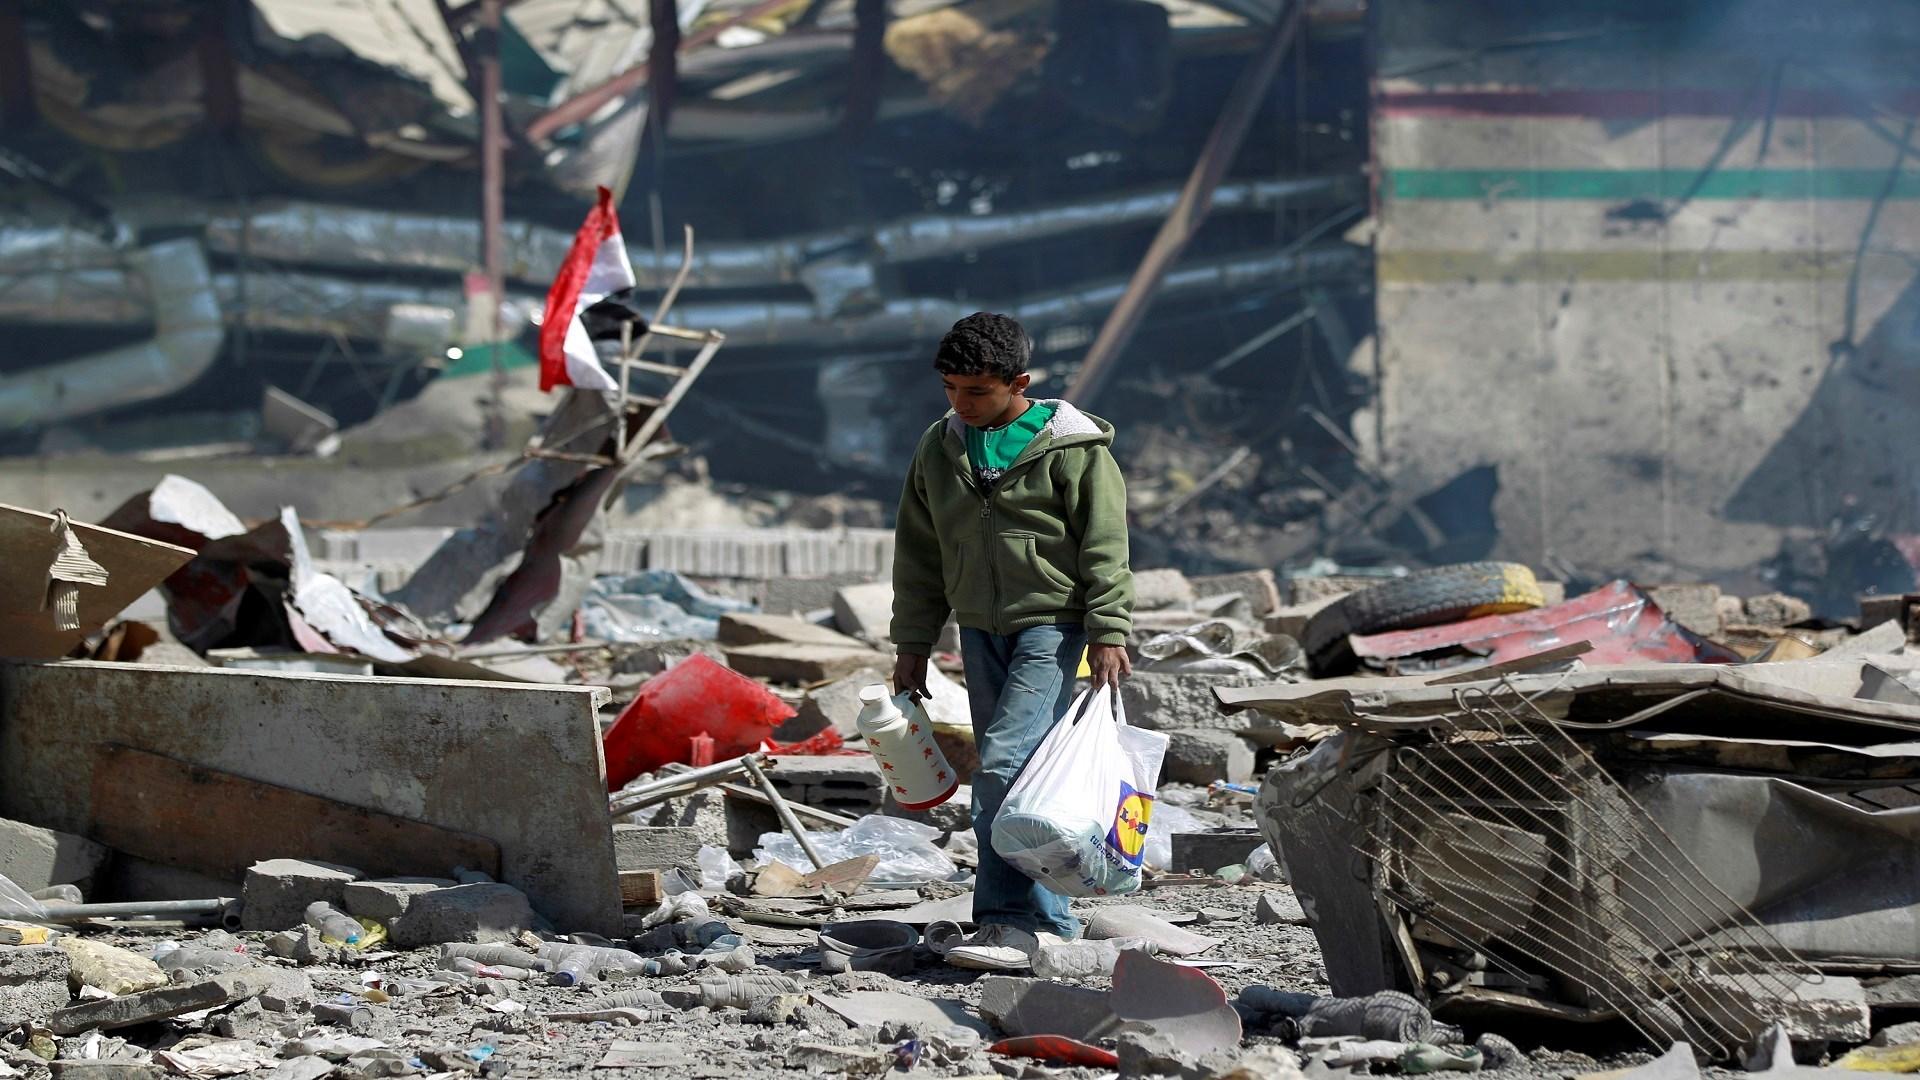 التقرير الأممي: بالنسبة للمدنيين في اليمن فببساطة لا يوجد مكان آمن للهروب من ويلات الحرب